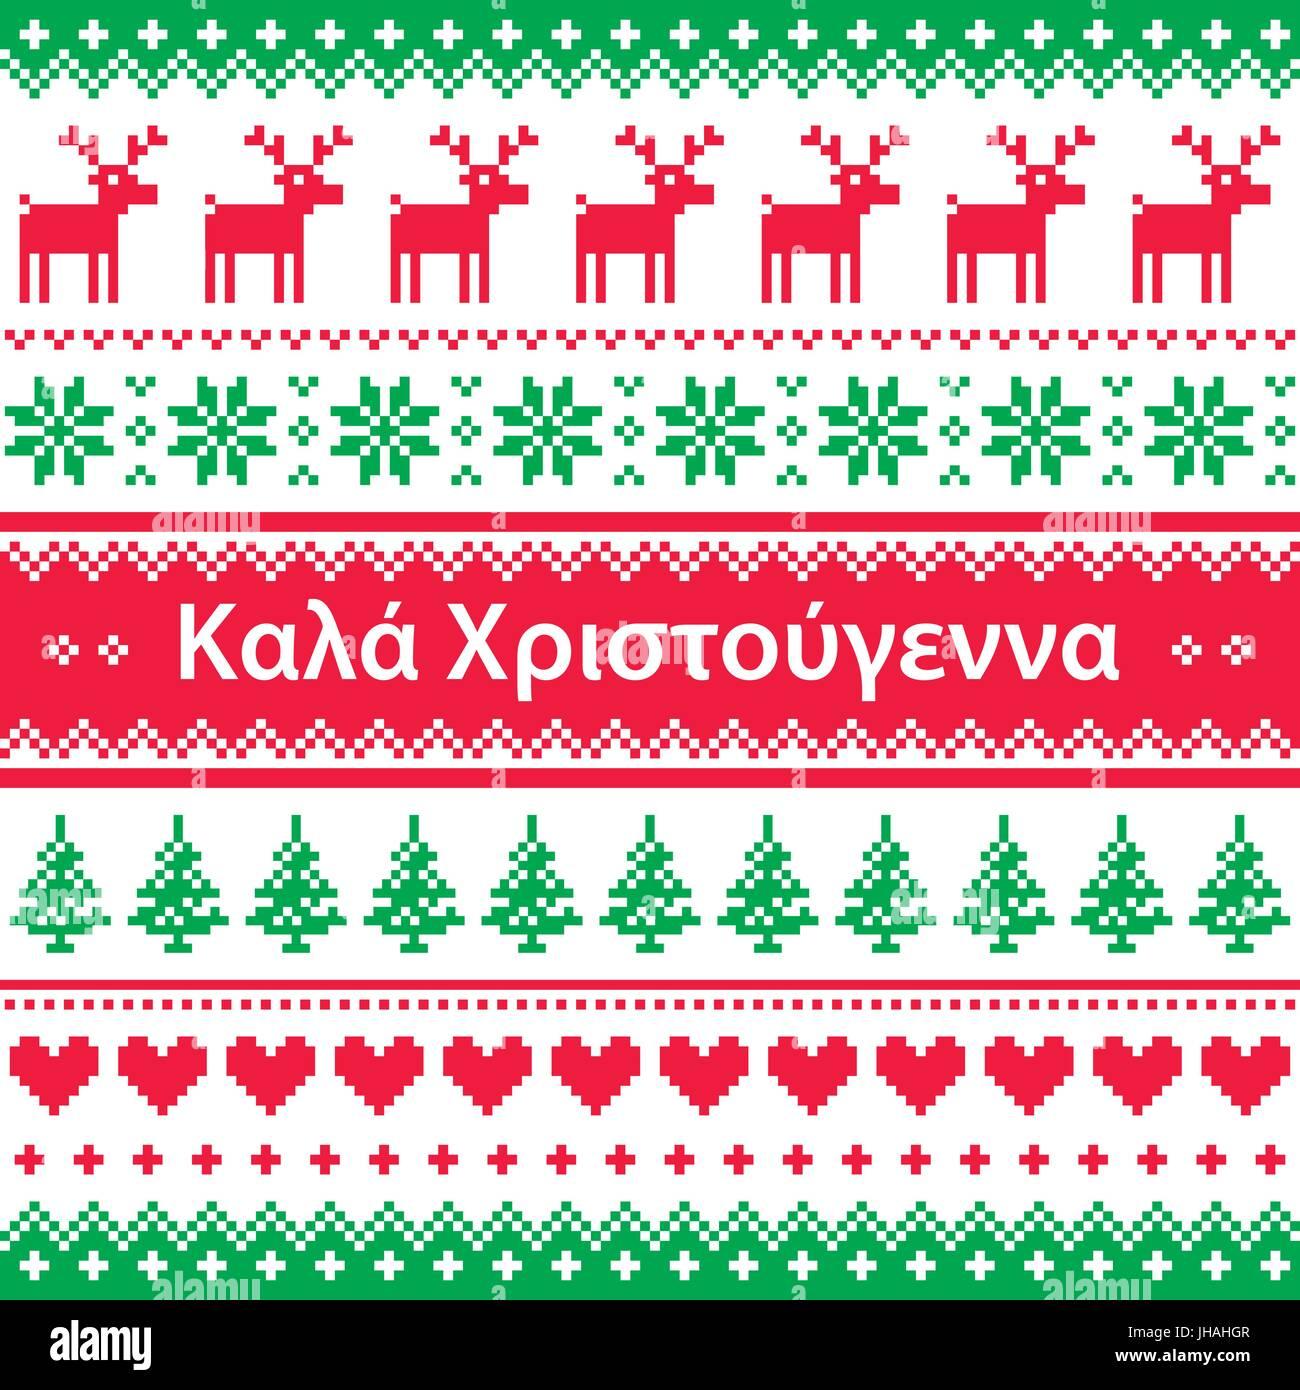 Buon Natale In Greco.Buon Natale In Greco Pattern Biglietto Di Auguri Immagine E Vettoriale Alamy